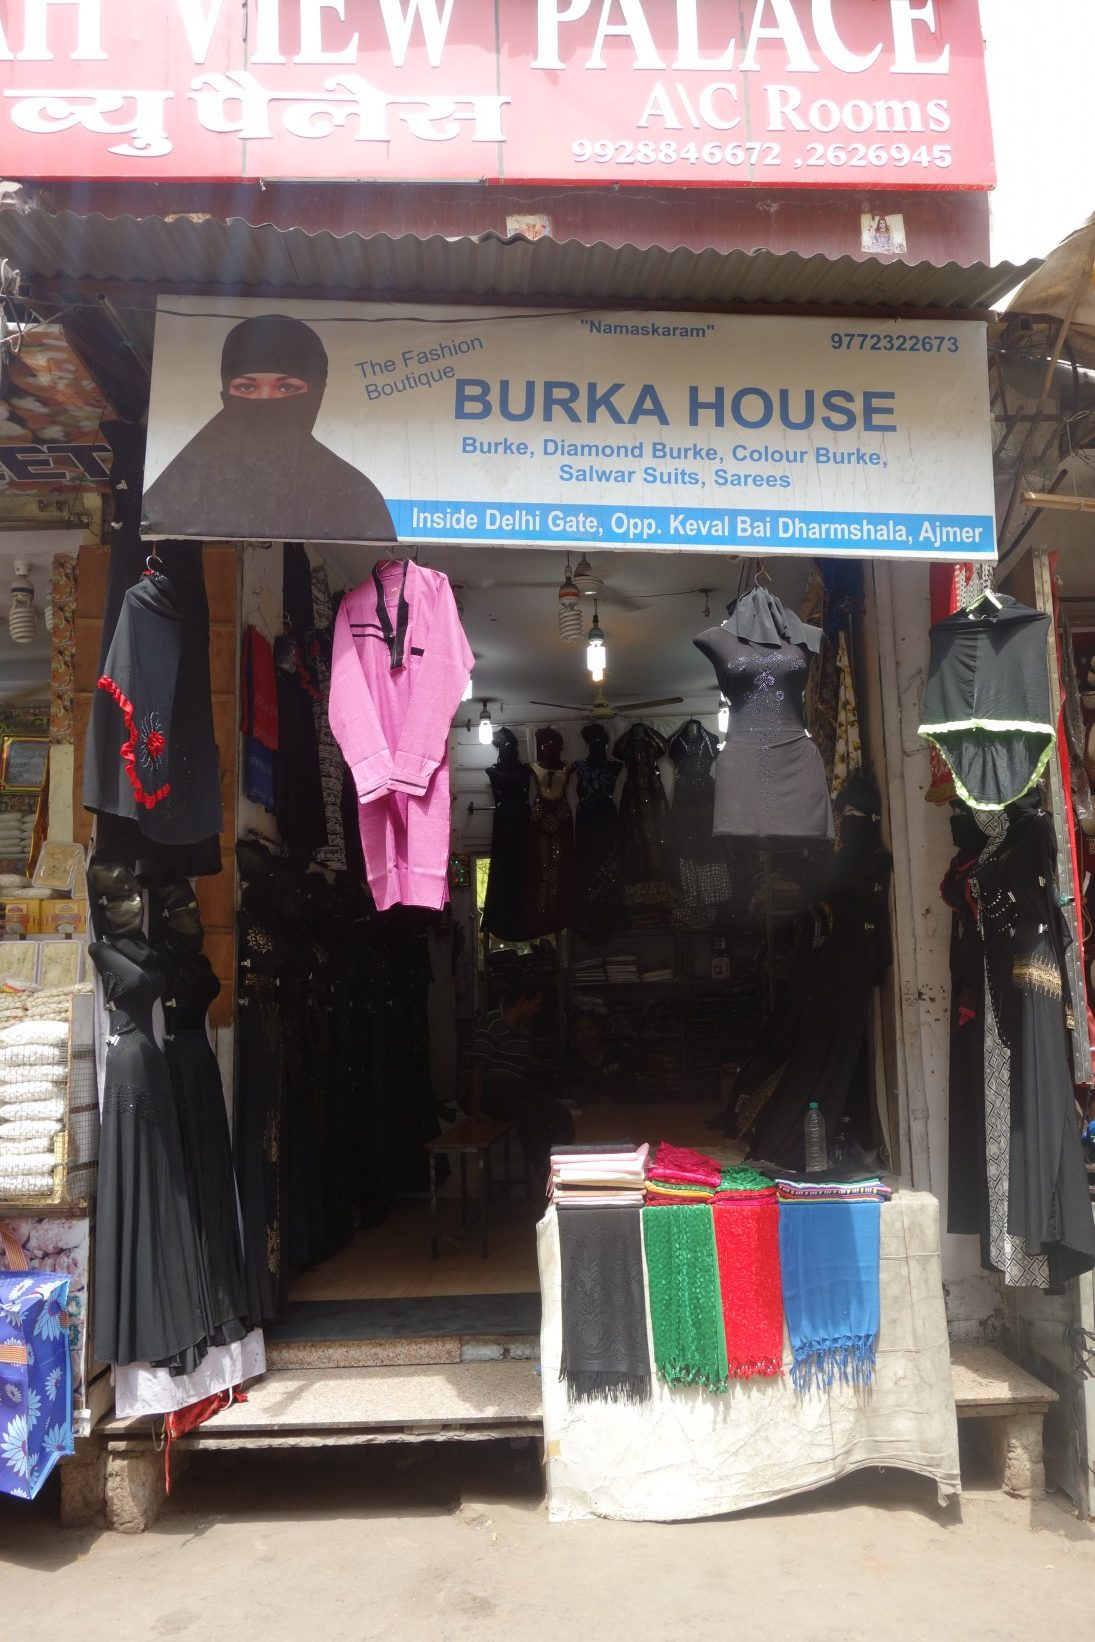 Tienda de burkas